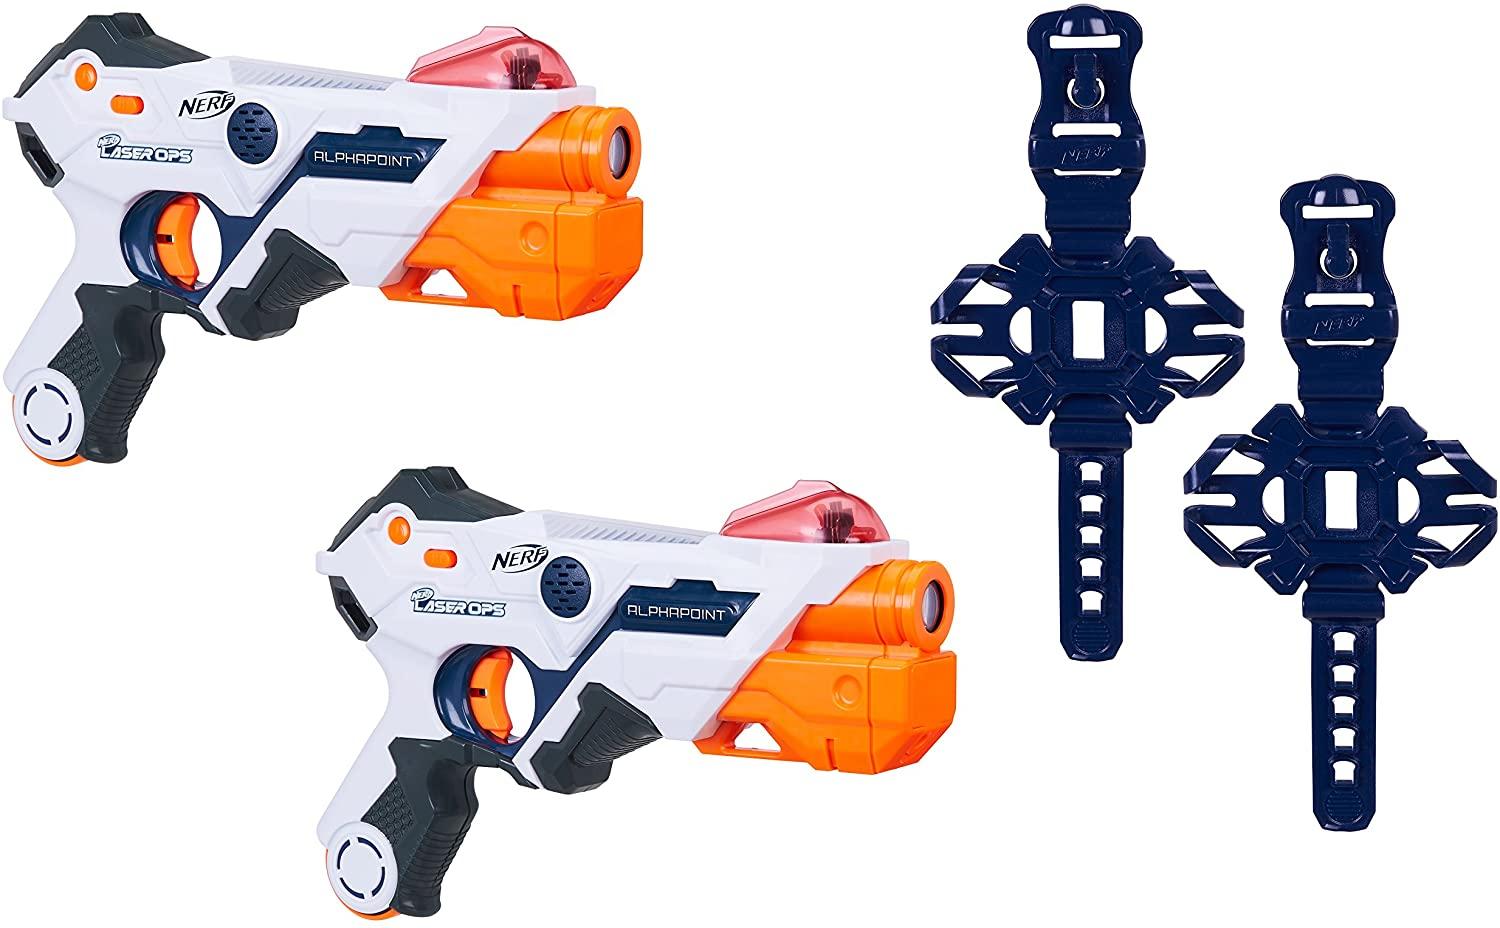 Nerf Laser Ops AlphaPoint, 2er Set, LaserTag-Blaster mit Licht- & Soundeffekt, Kinder-Spielzeug, inkl. Schnell-Lade-Taste für Infrarot-Schüsse, auch für Erwachsene Bild 1